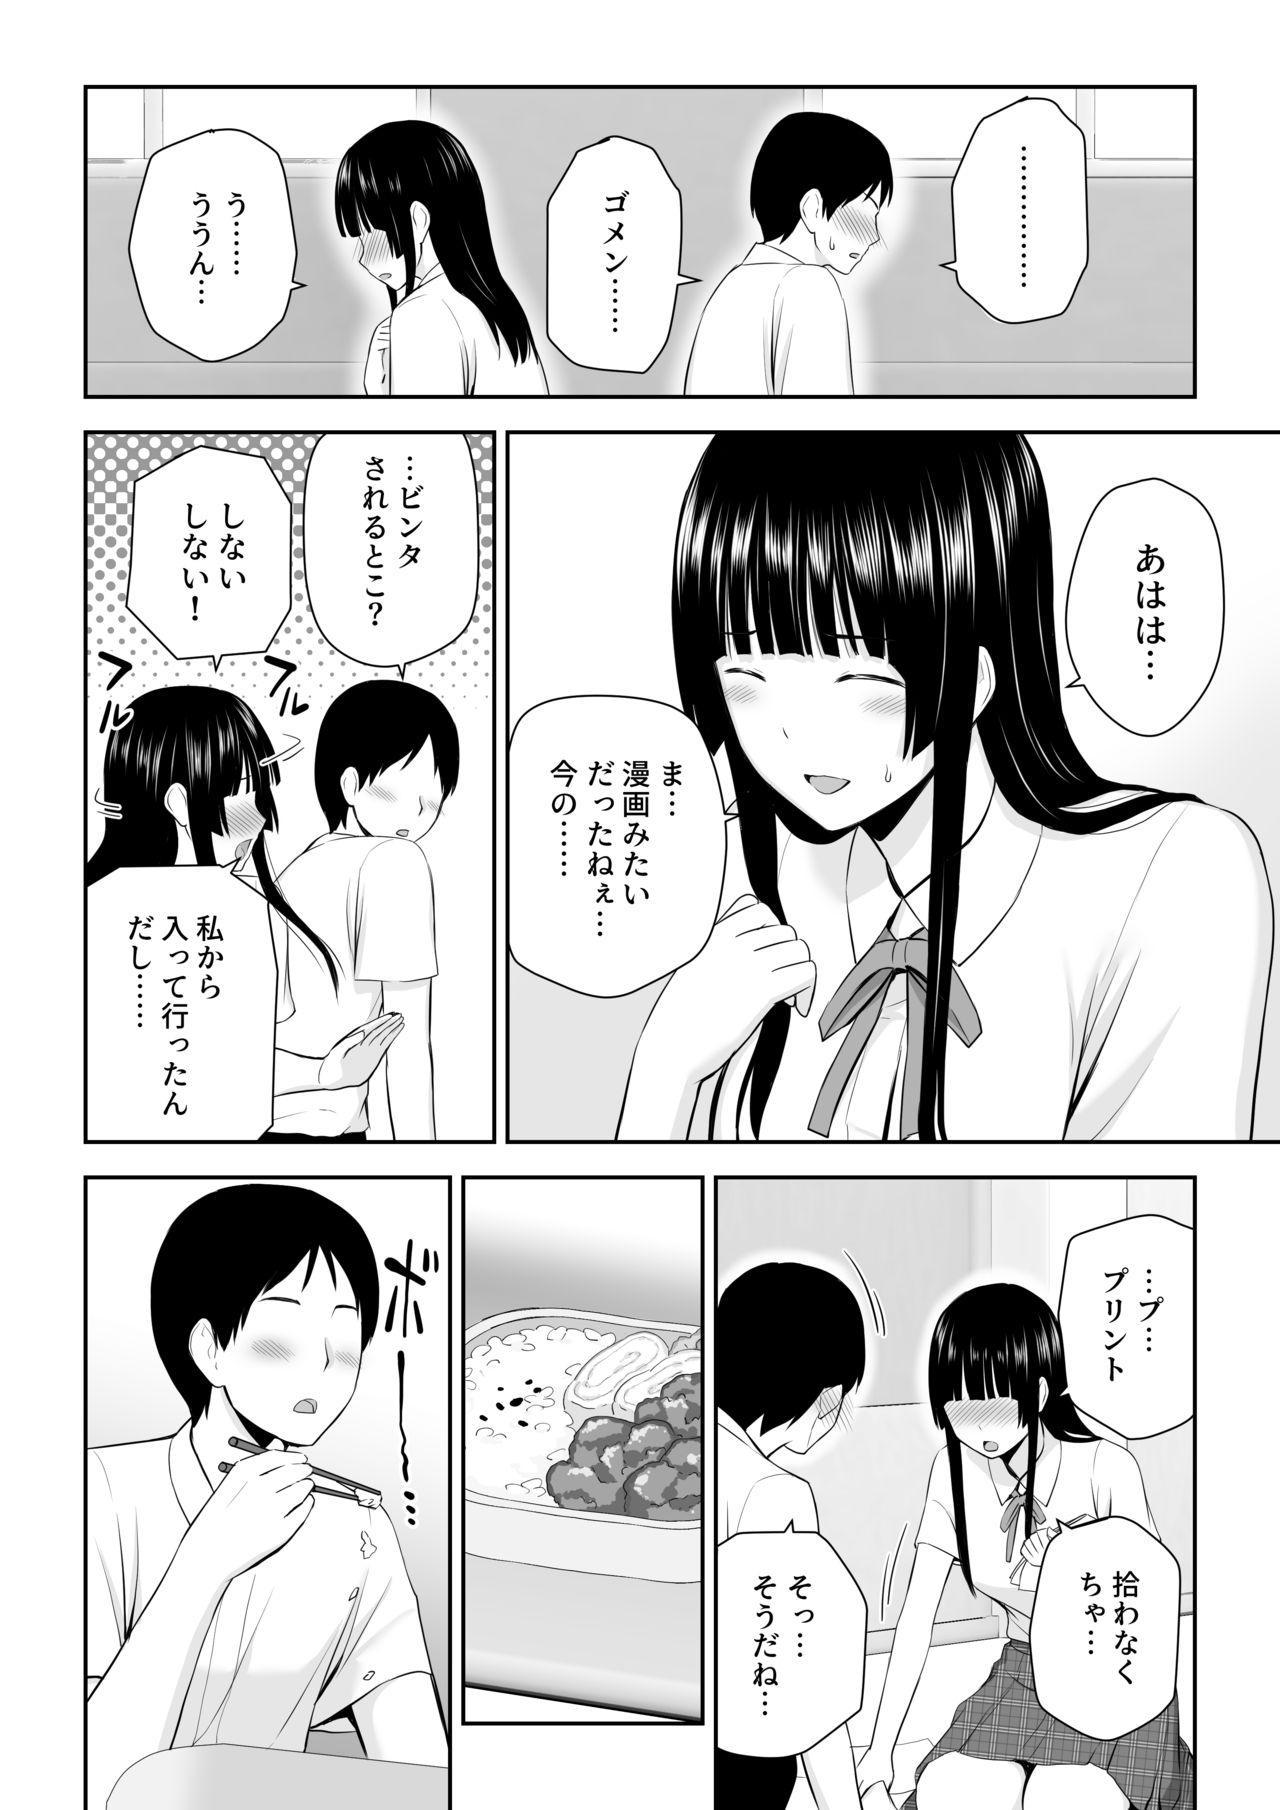 Suzushiro-san wa Onegai ni Yowai 18